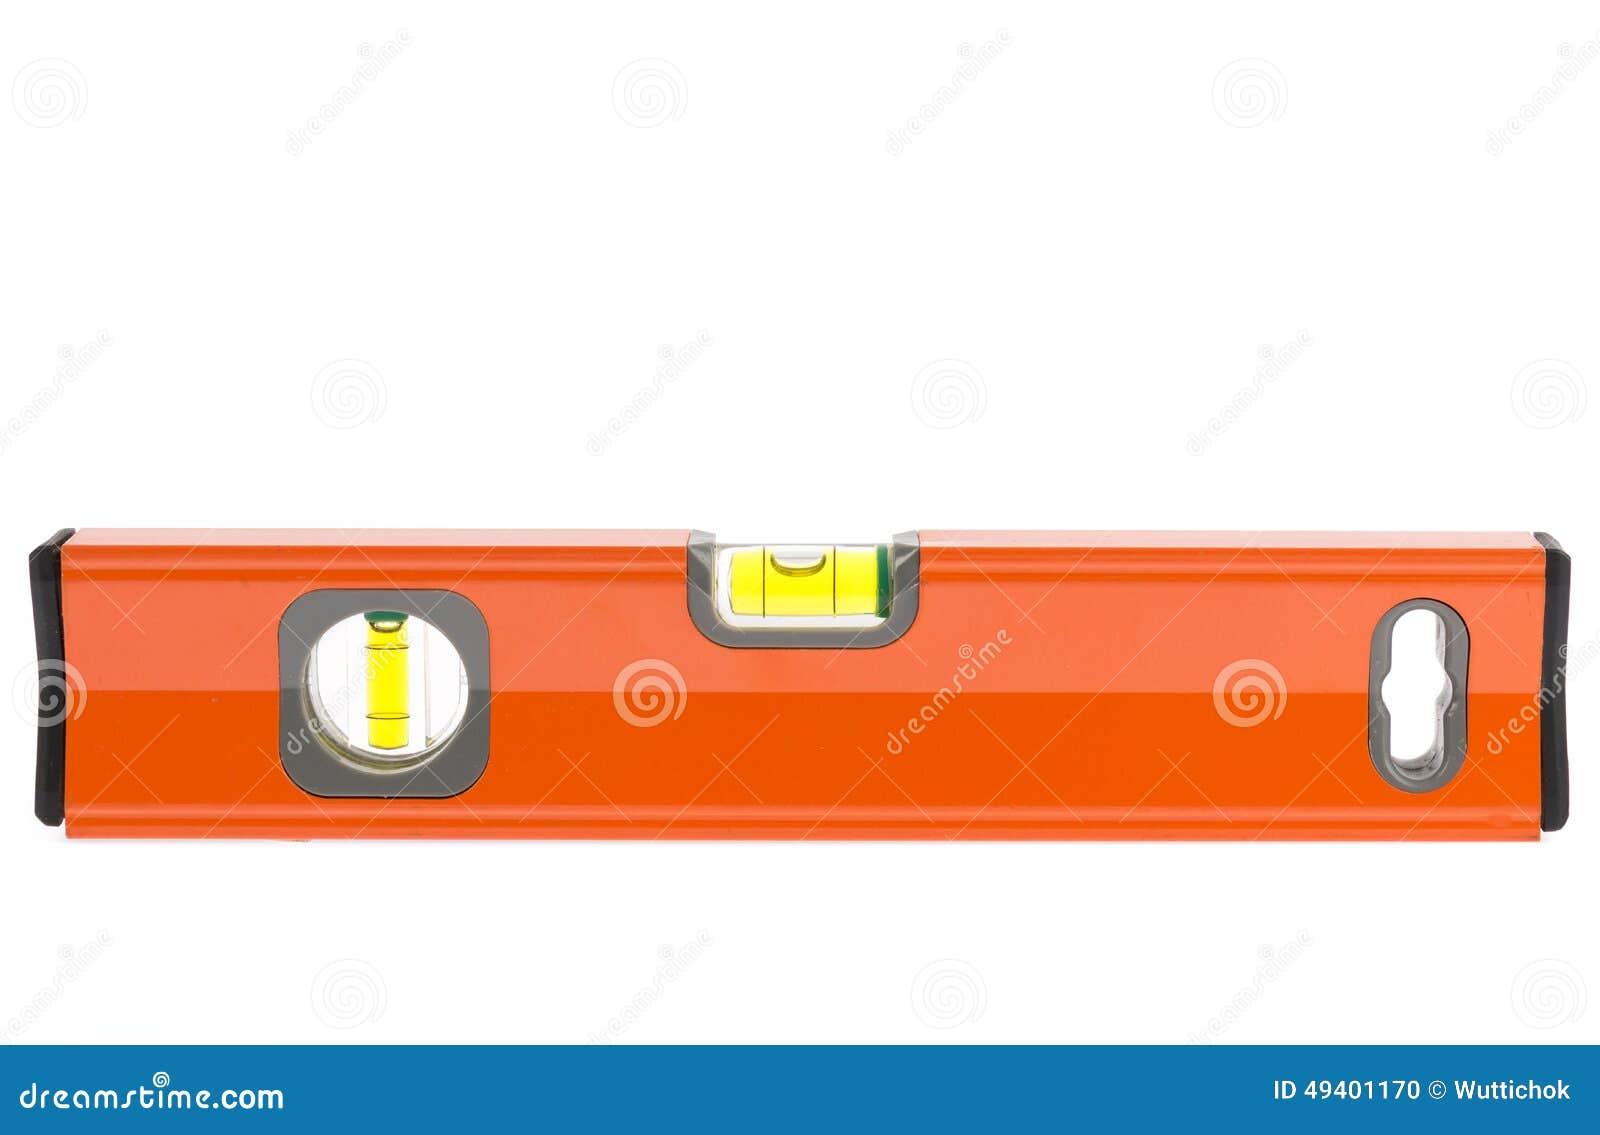 Download Orange Geistniveau stockfoto. Bild von orange, maurer - 49401170